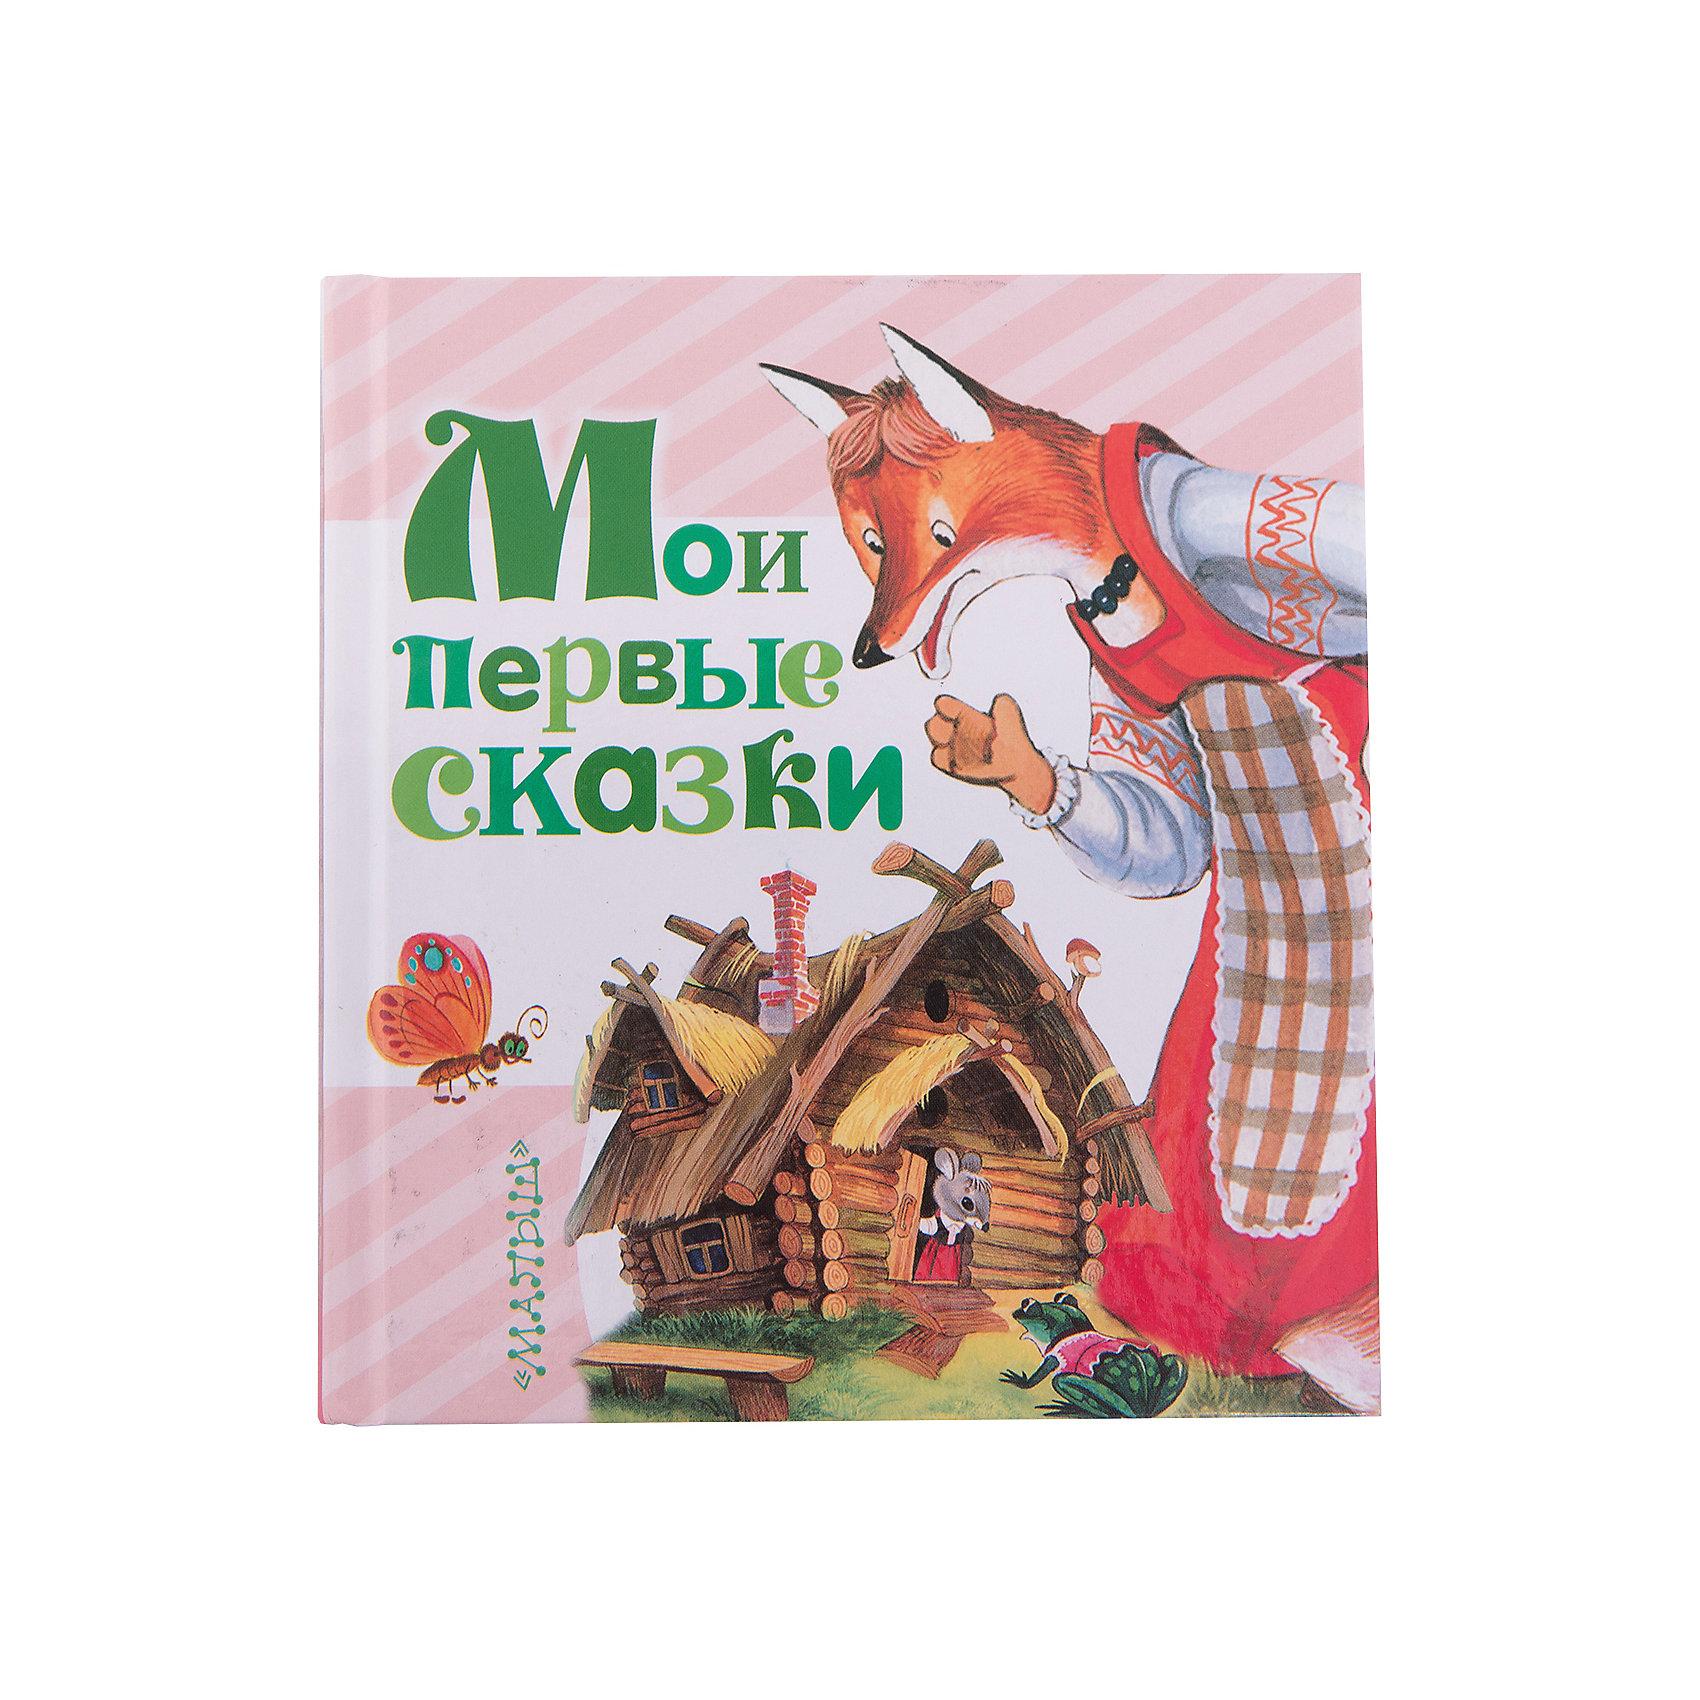 Мои первые сказкиСказки<br>В книгу «Мои первые сказки» вошли самые известные народные сказки: «Курочка Ряба», «Репка», «Теремок», — и не менее знаменитые авторские сказки, В. Сутеева, С. Маршака, К. Чуковского и других авторов. Малыши с удовольствием их слушают, а взрослые — с удовольствием читают их своим детям.<br>Для детей до 3 лет<br><br>Ширина мм: 155<br>Глубина мм: 140<br>Высота мм: 160<br>Вес г: 31<br>Возраст от месяцев: 12<br>Возраст до месяцев: 36<br>Пол: Унисекс<br>Возраст: Детский<br>SKU: 6848310